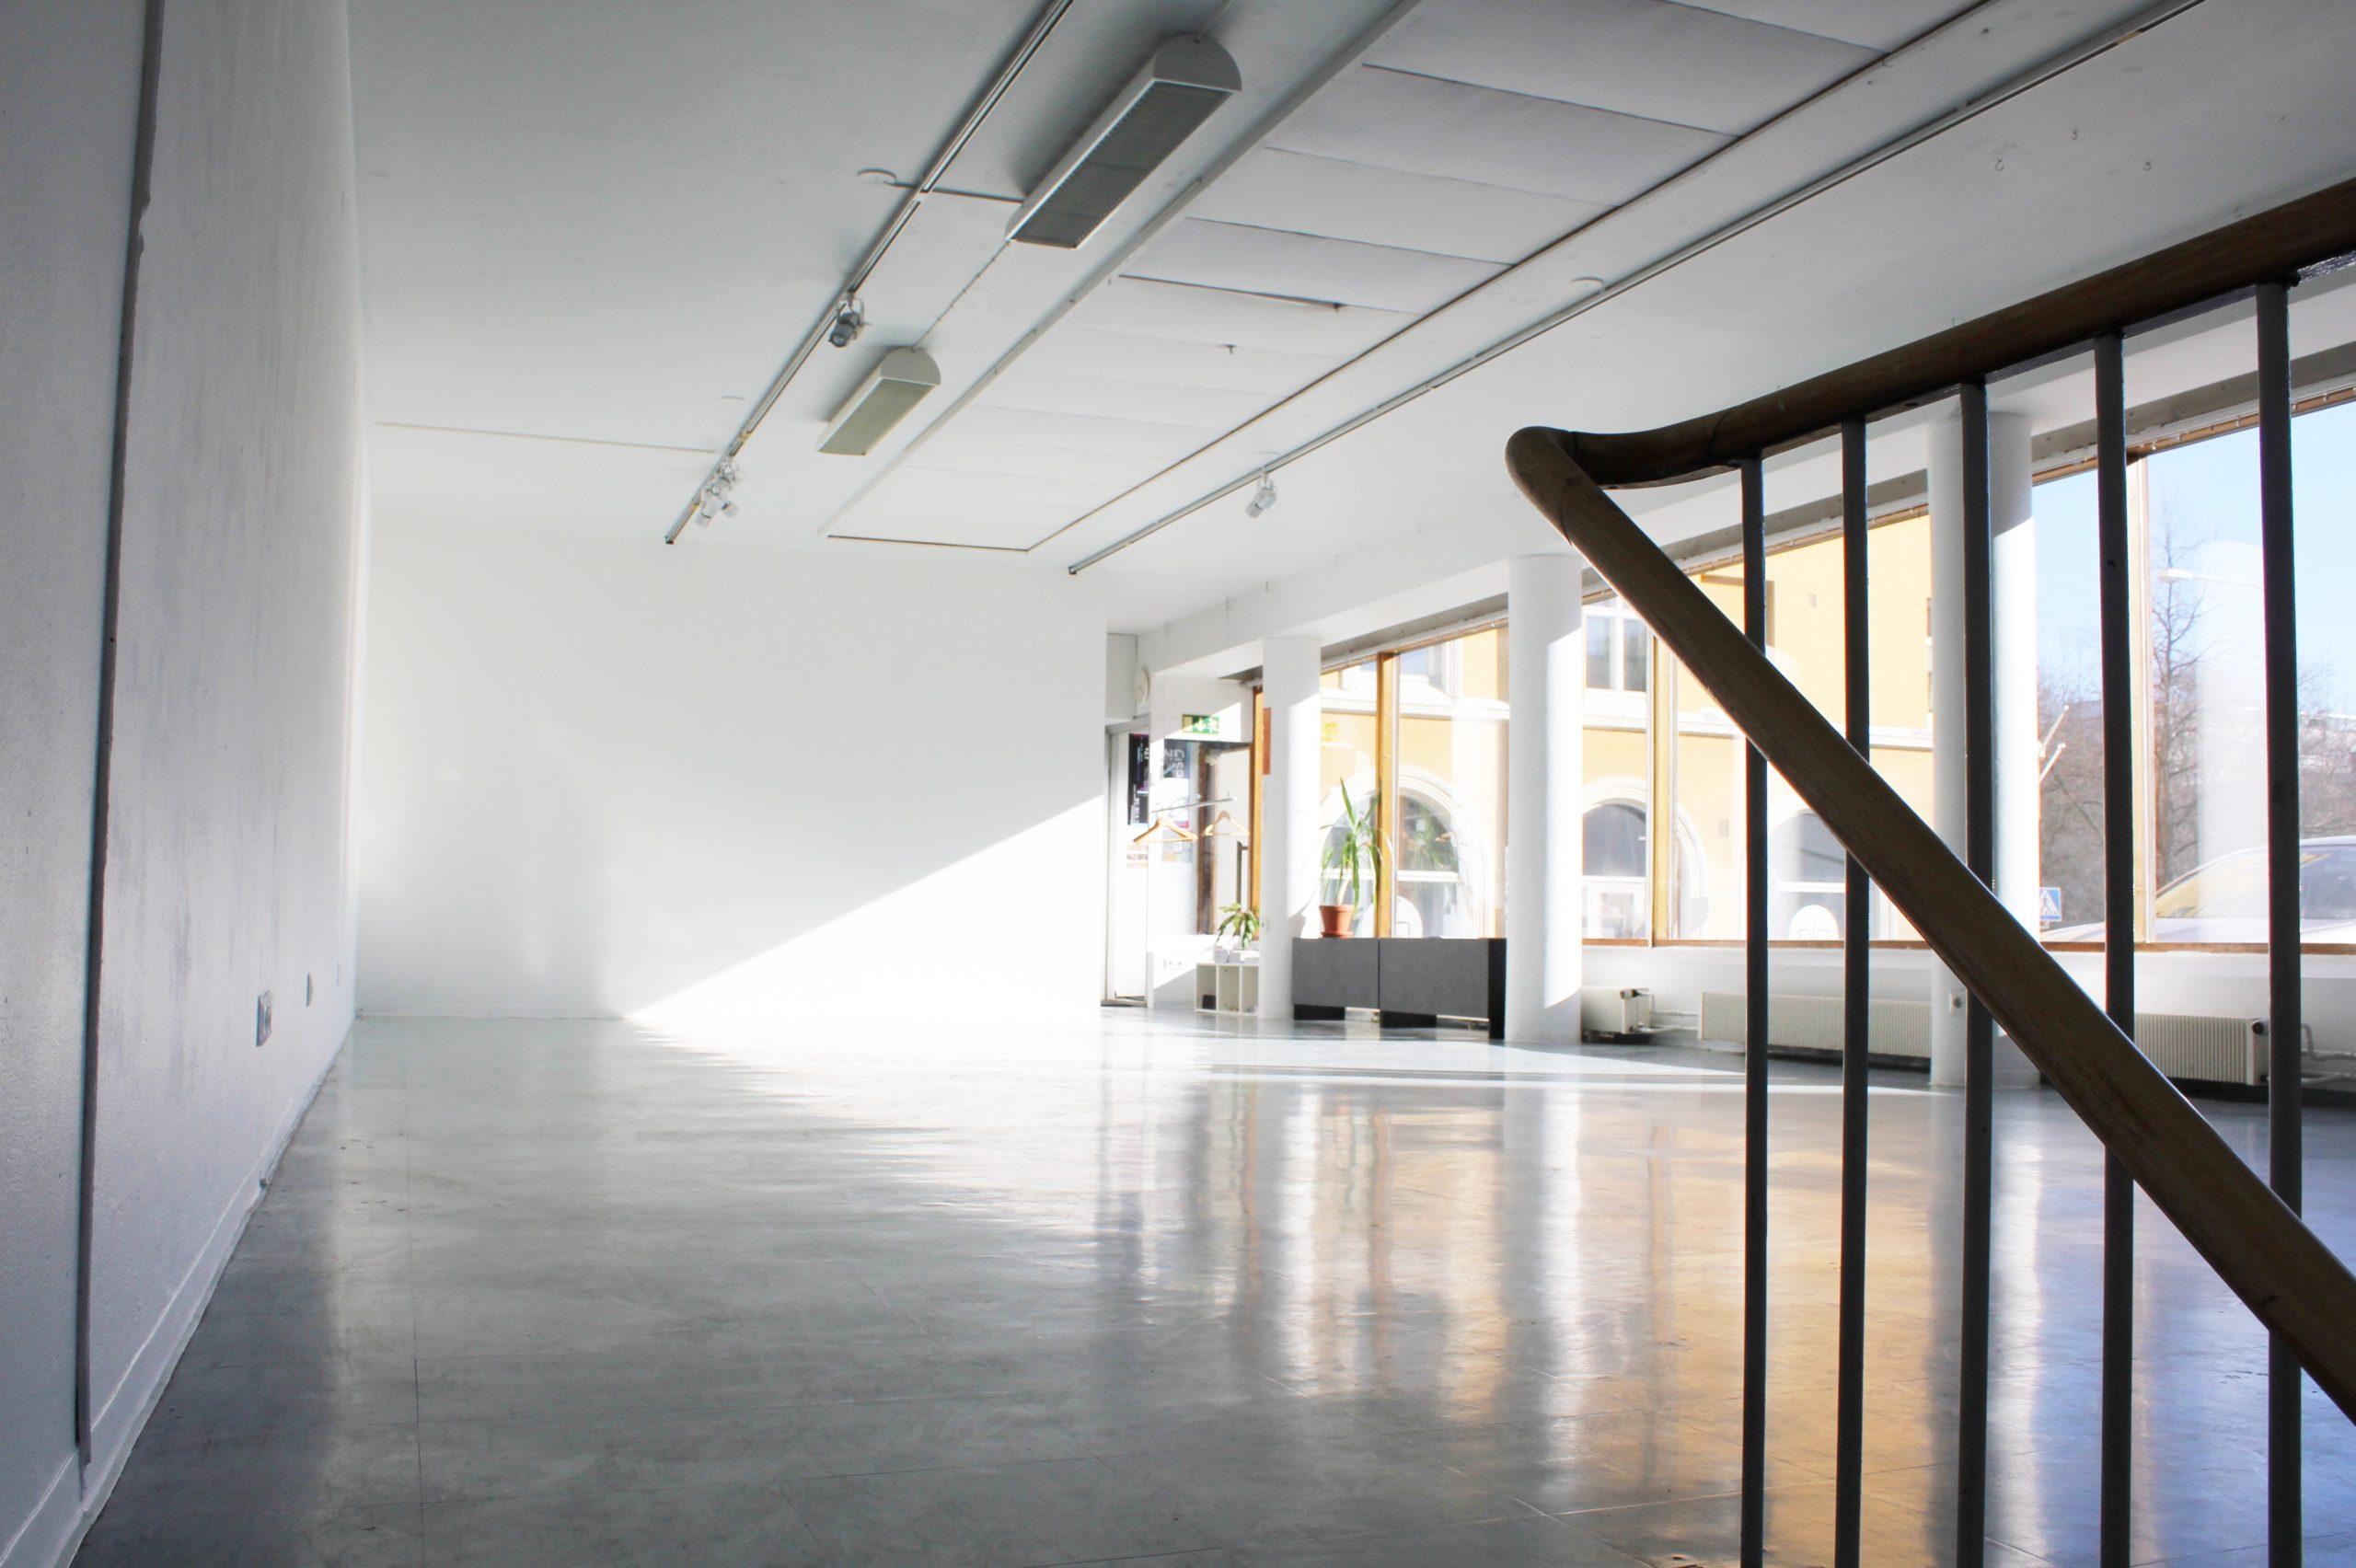 Yhdistyksen ylläpitämä Galleria Rajatila sijaitsee Tampereen Hämeenpuistossa. Kuva: Rajataide ry